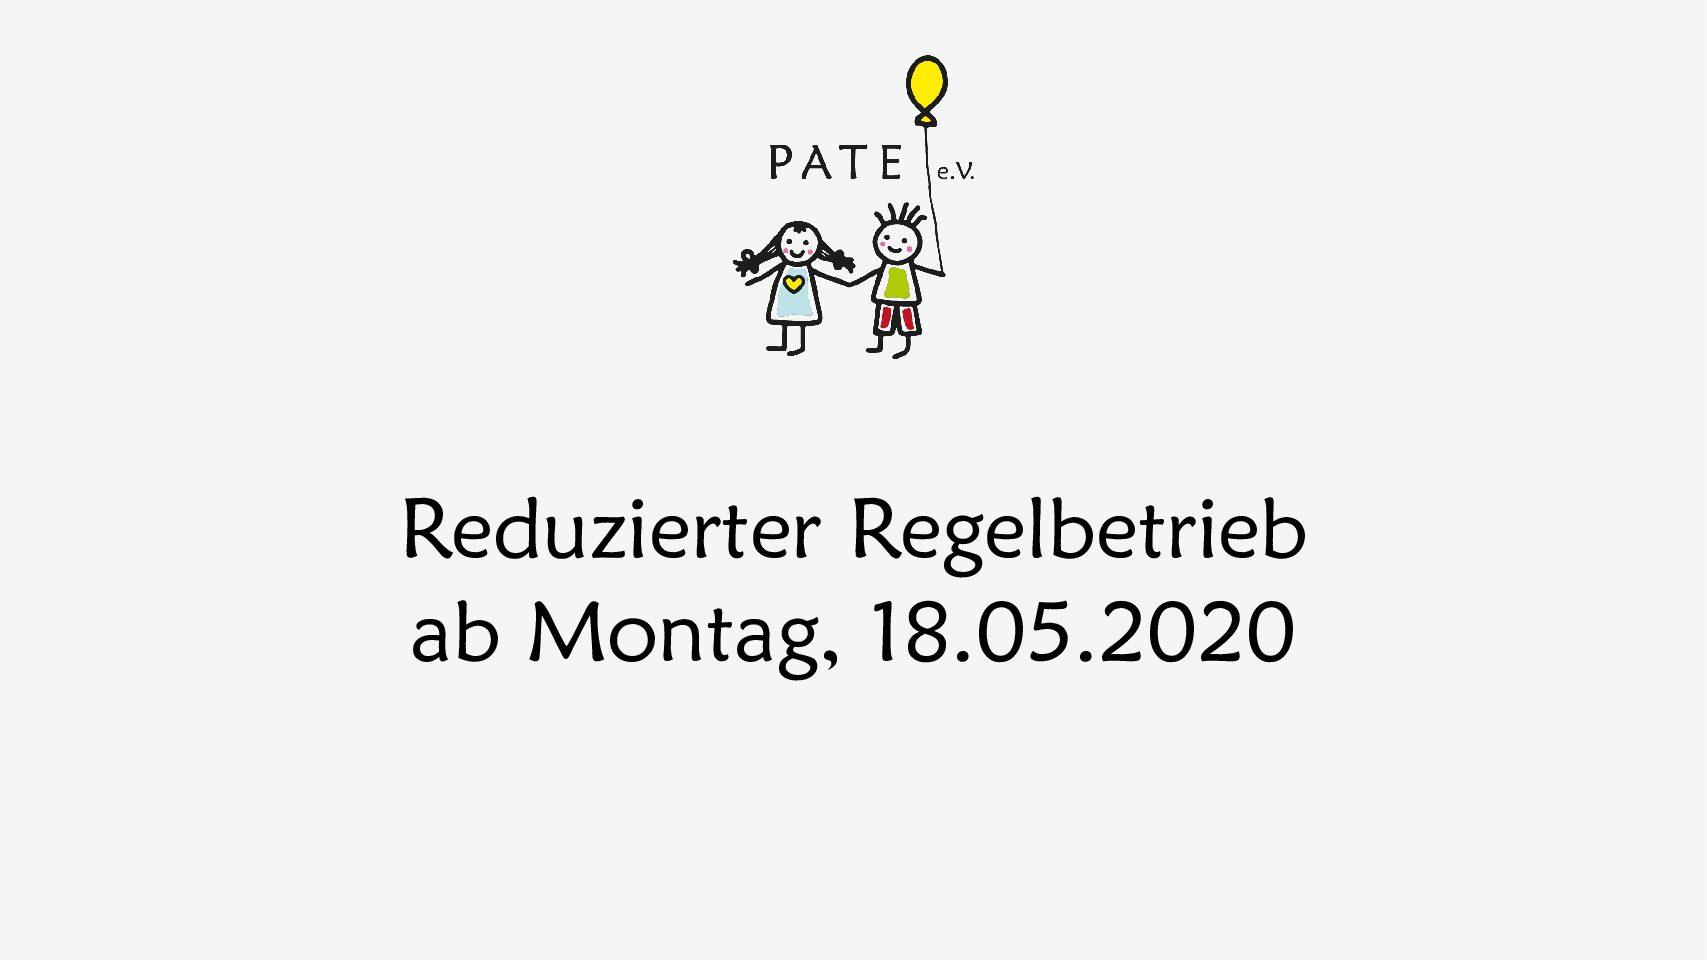 Reduzierter Regelbetrieb ab Montag, 18.05.2020